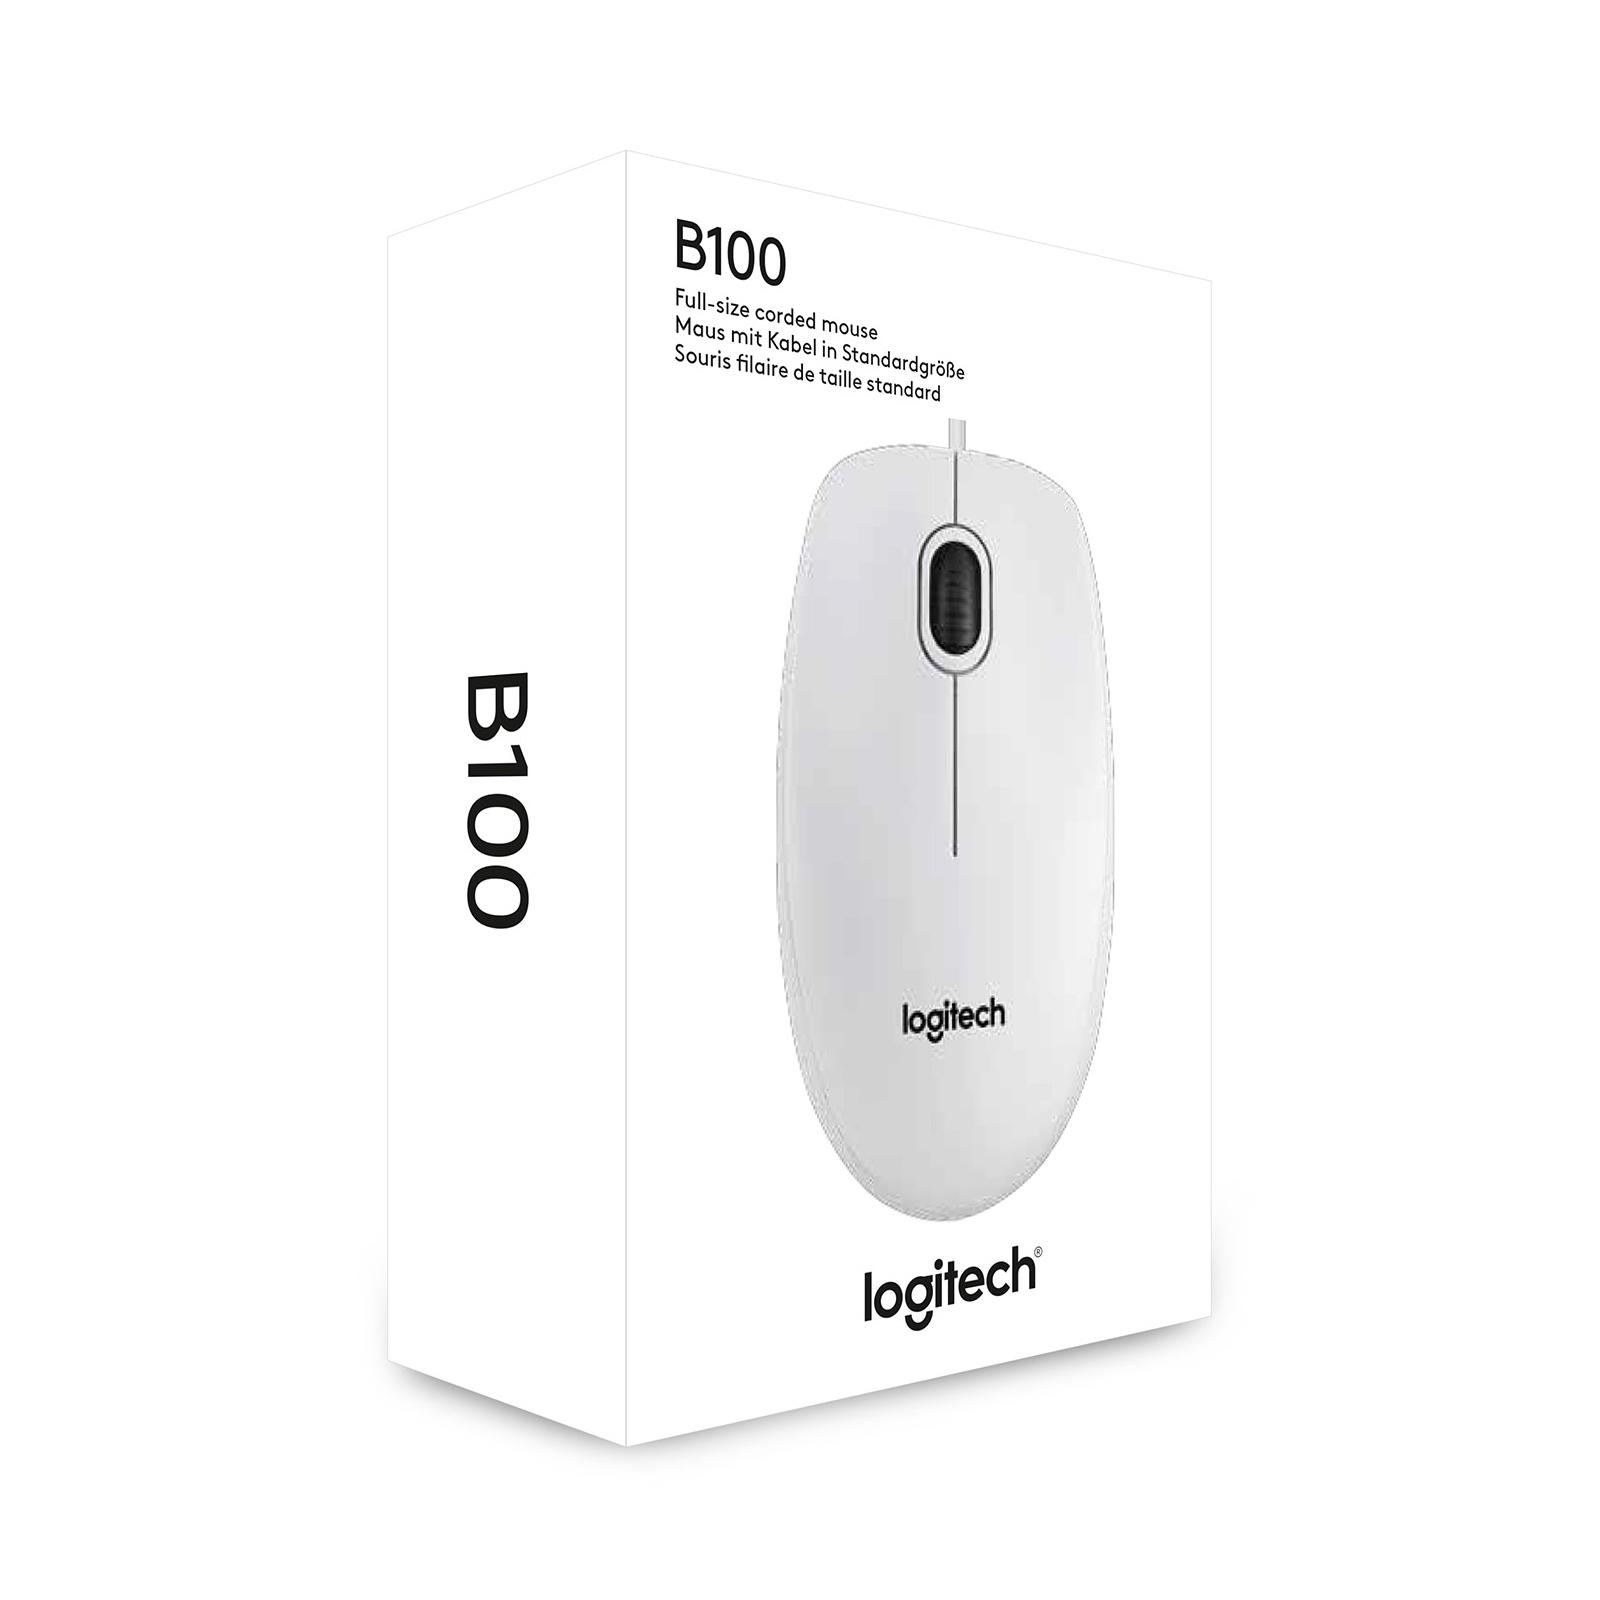 Мышка Logitech B100 (910-003360) изображение 3